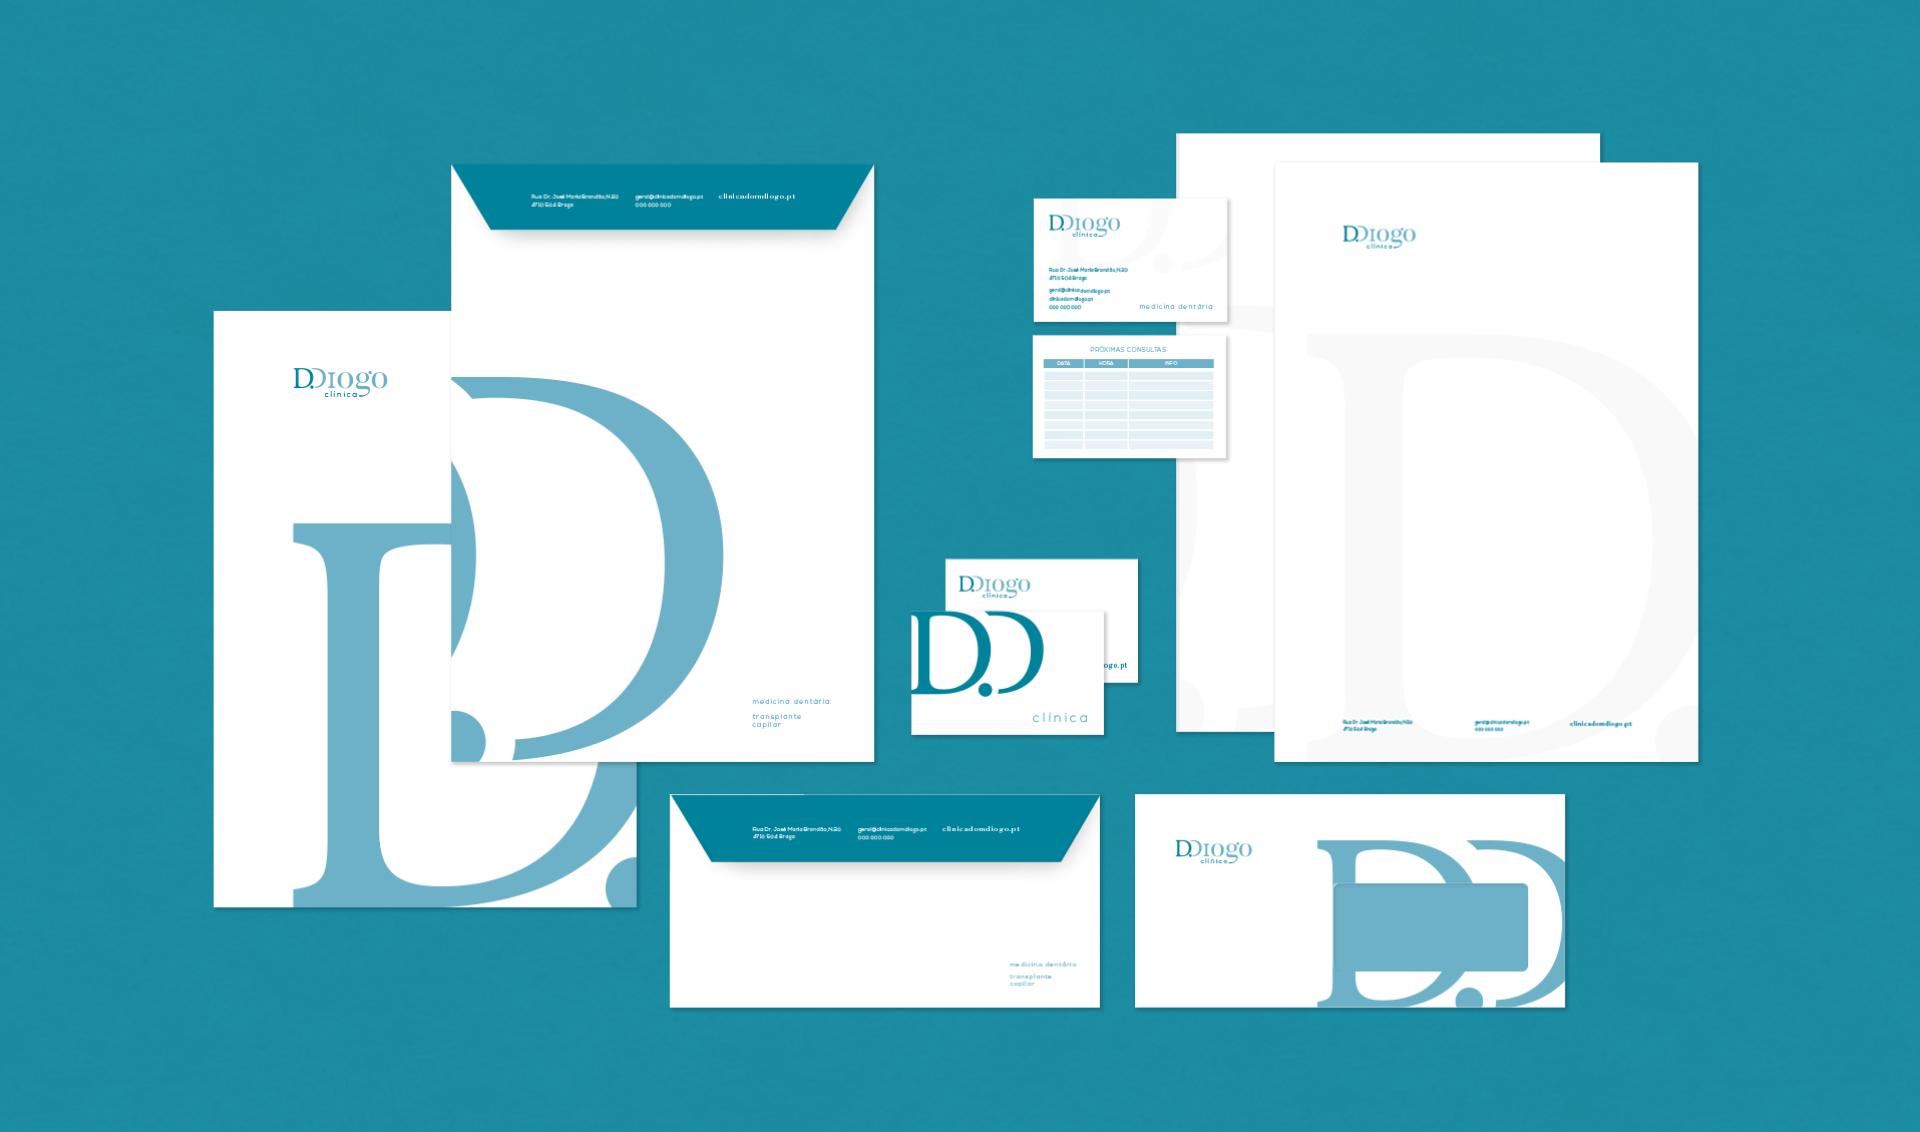 Estacionário da Clínica D. Diogo com envelopes, papel de carta, cartão de visita e cartão de marcação de consulta